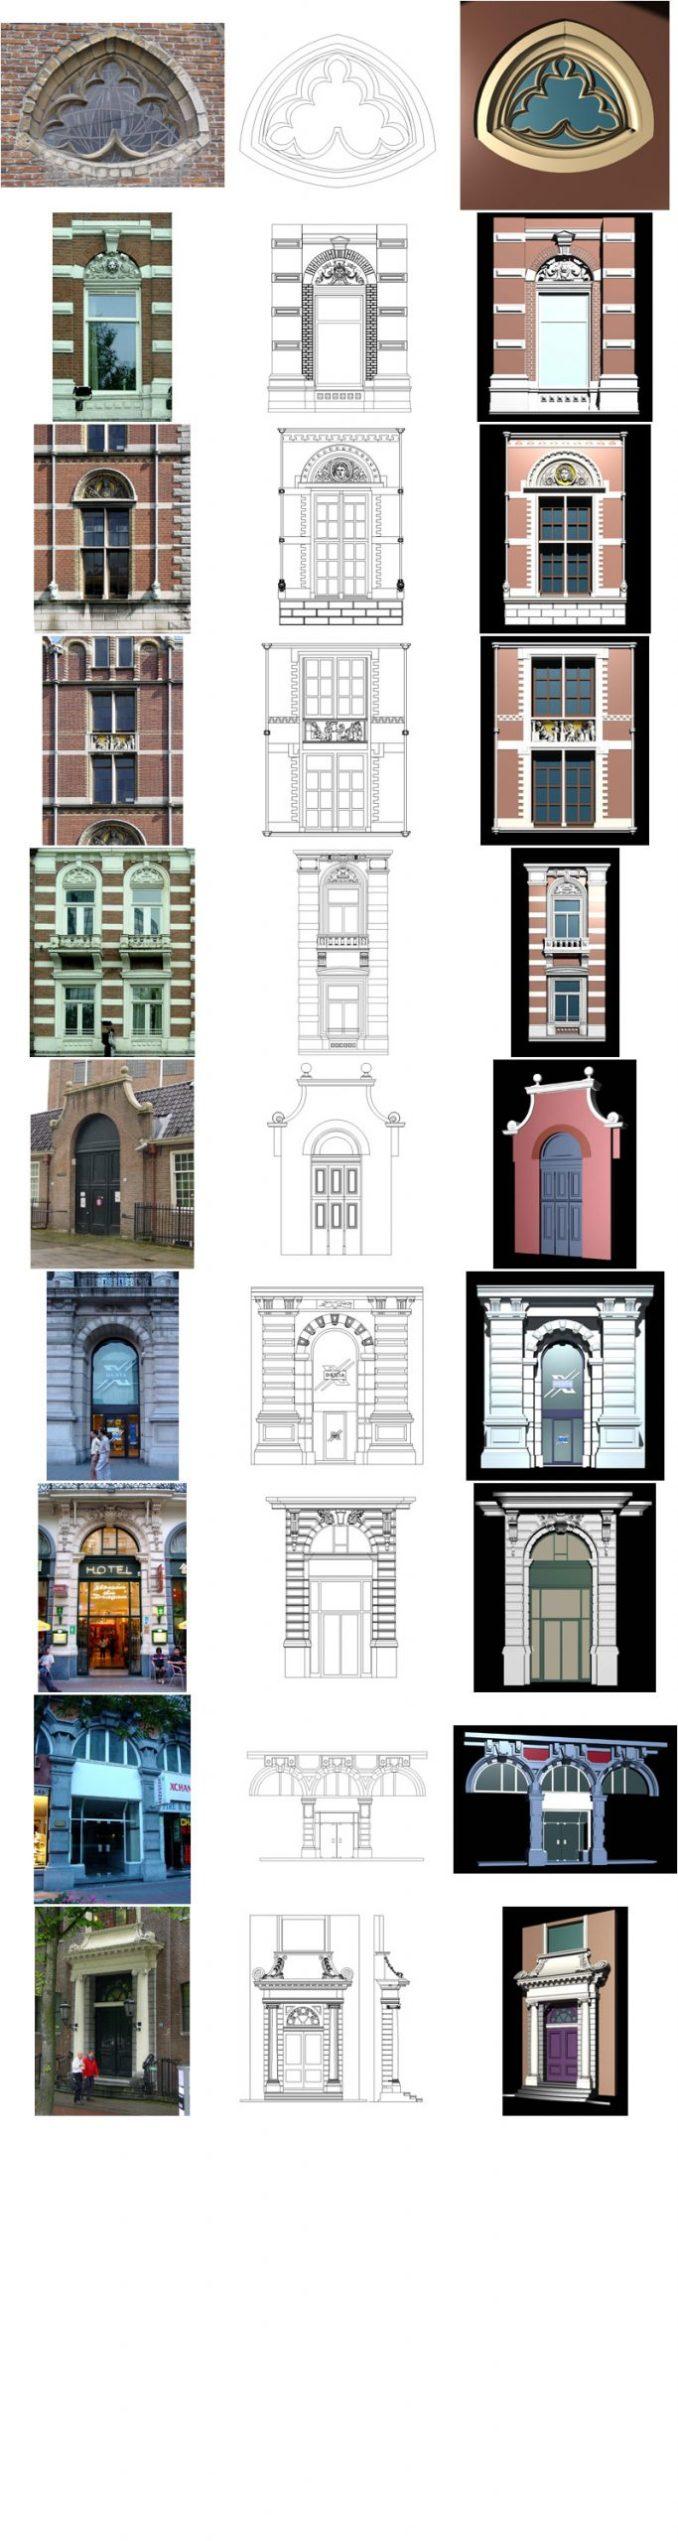 【歐式建築門窗CAD細部大樣圖】荷蘭建築·裝飾門窗CAD圖庫 Dutch building